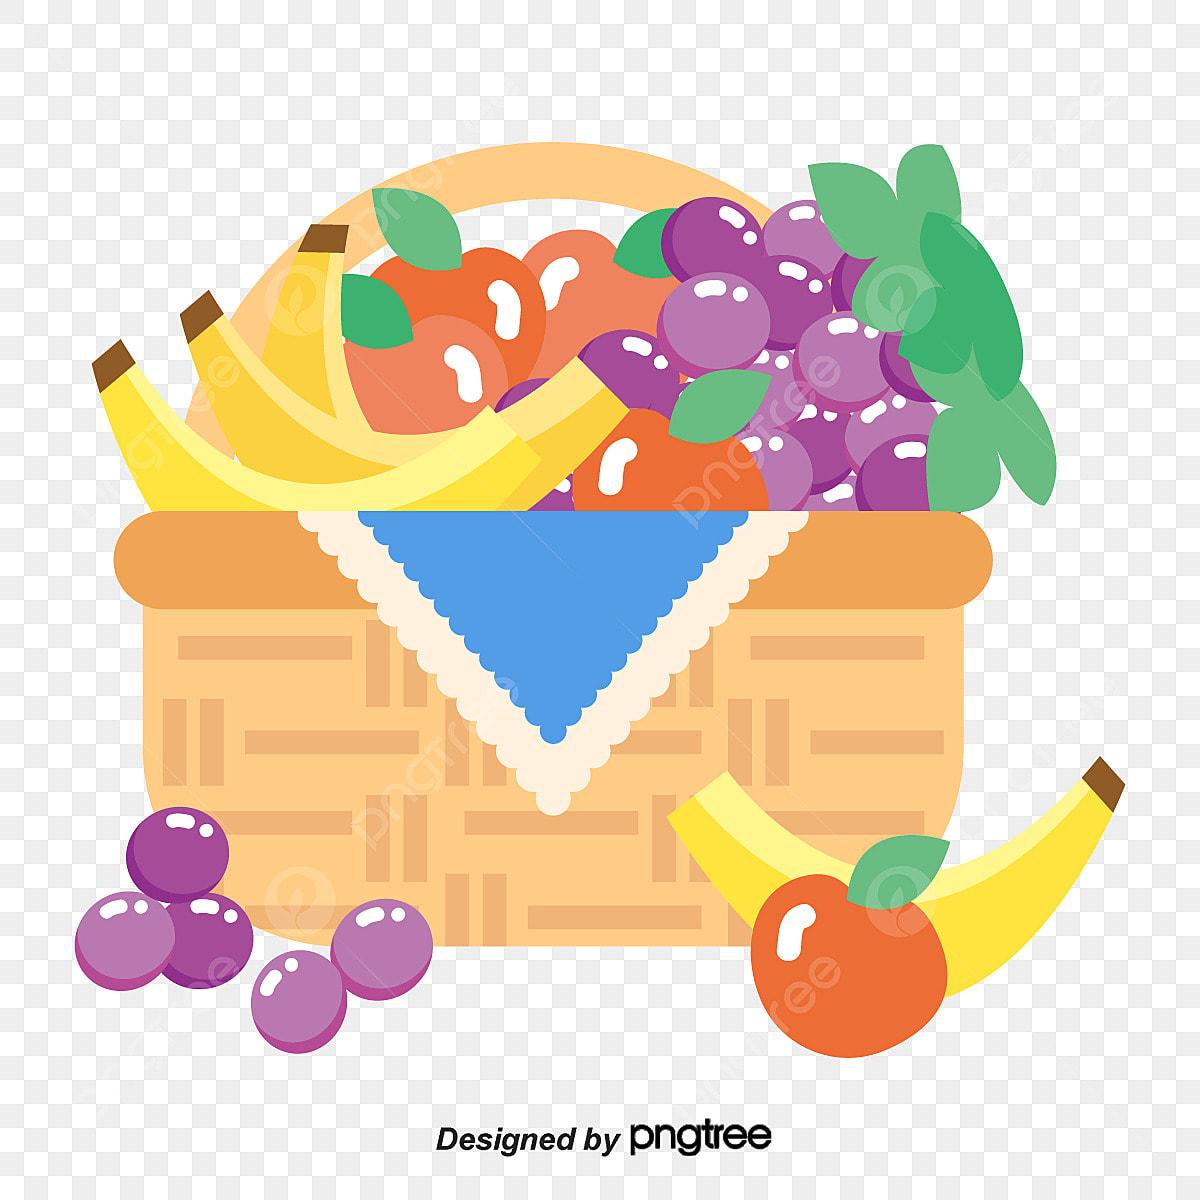 مكدسة في سلة الفواكه والخضروات الخضروات Clipart سلة خشبية طماطم Png والمتجهات للتحميل مجانا